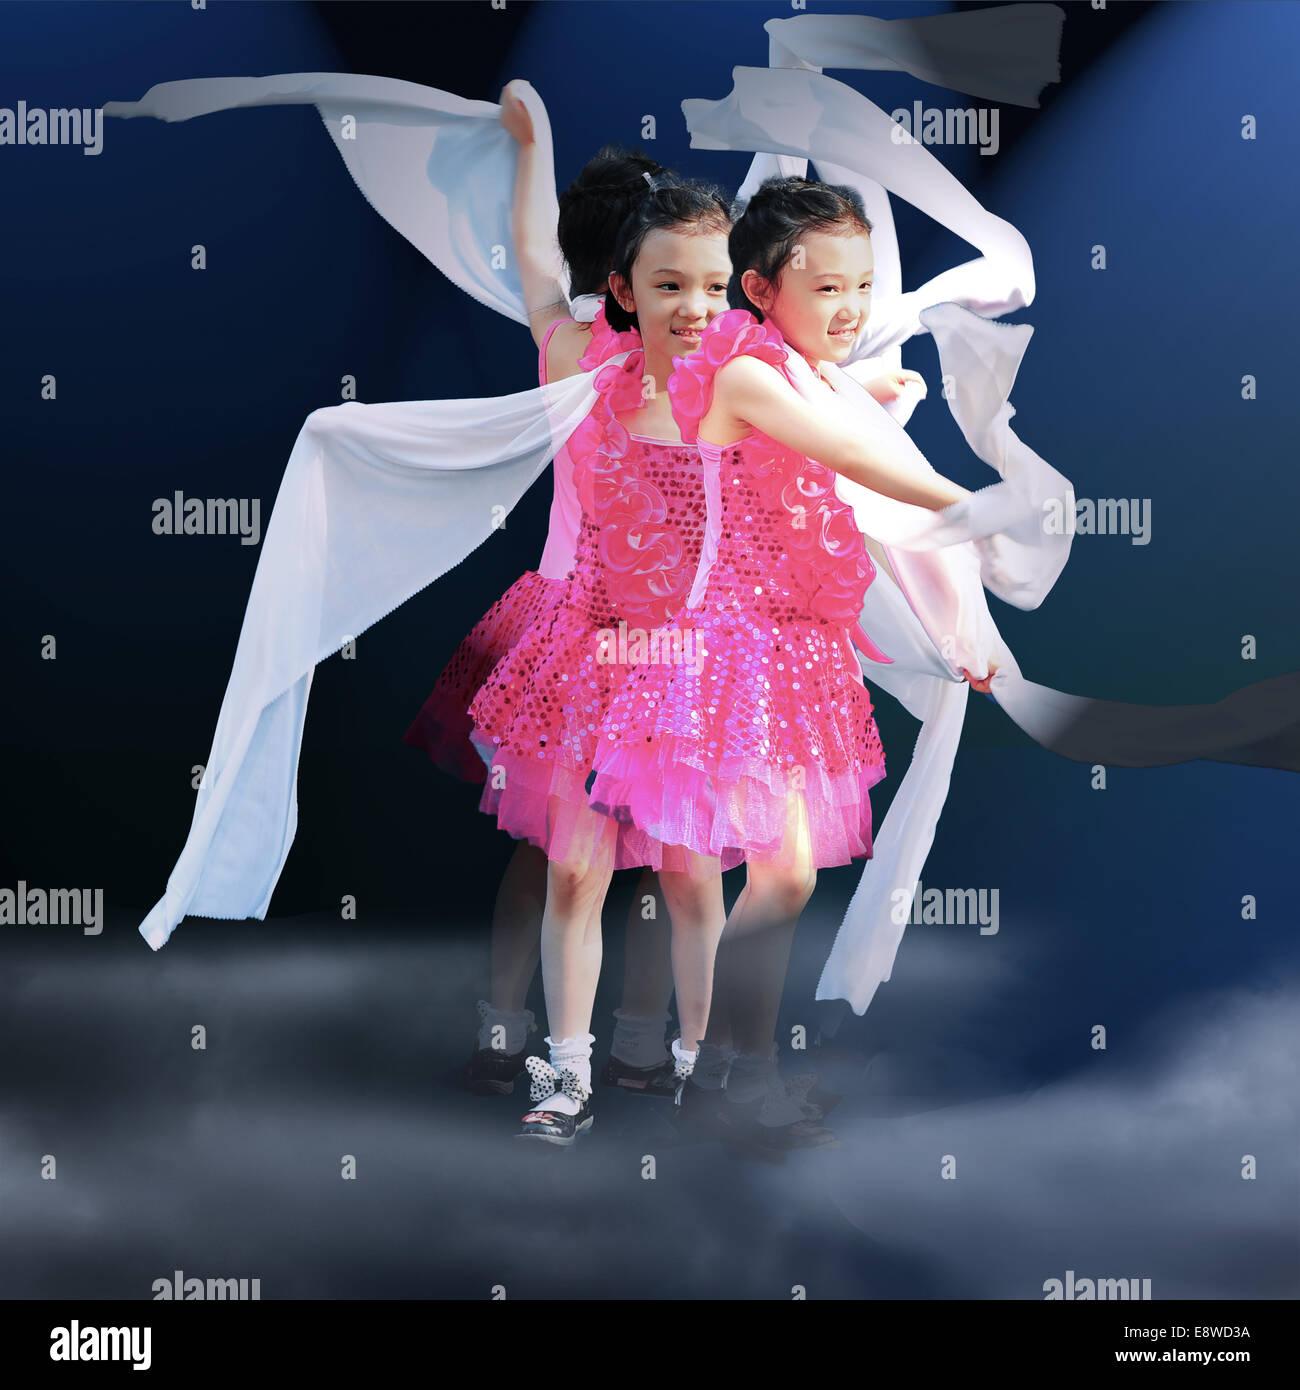 Bedroom Boom Mp3 Little Girl Dancing Stock Photos Amp Little Girl Dancing